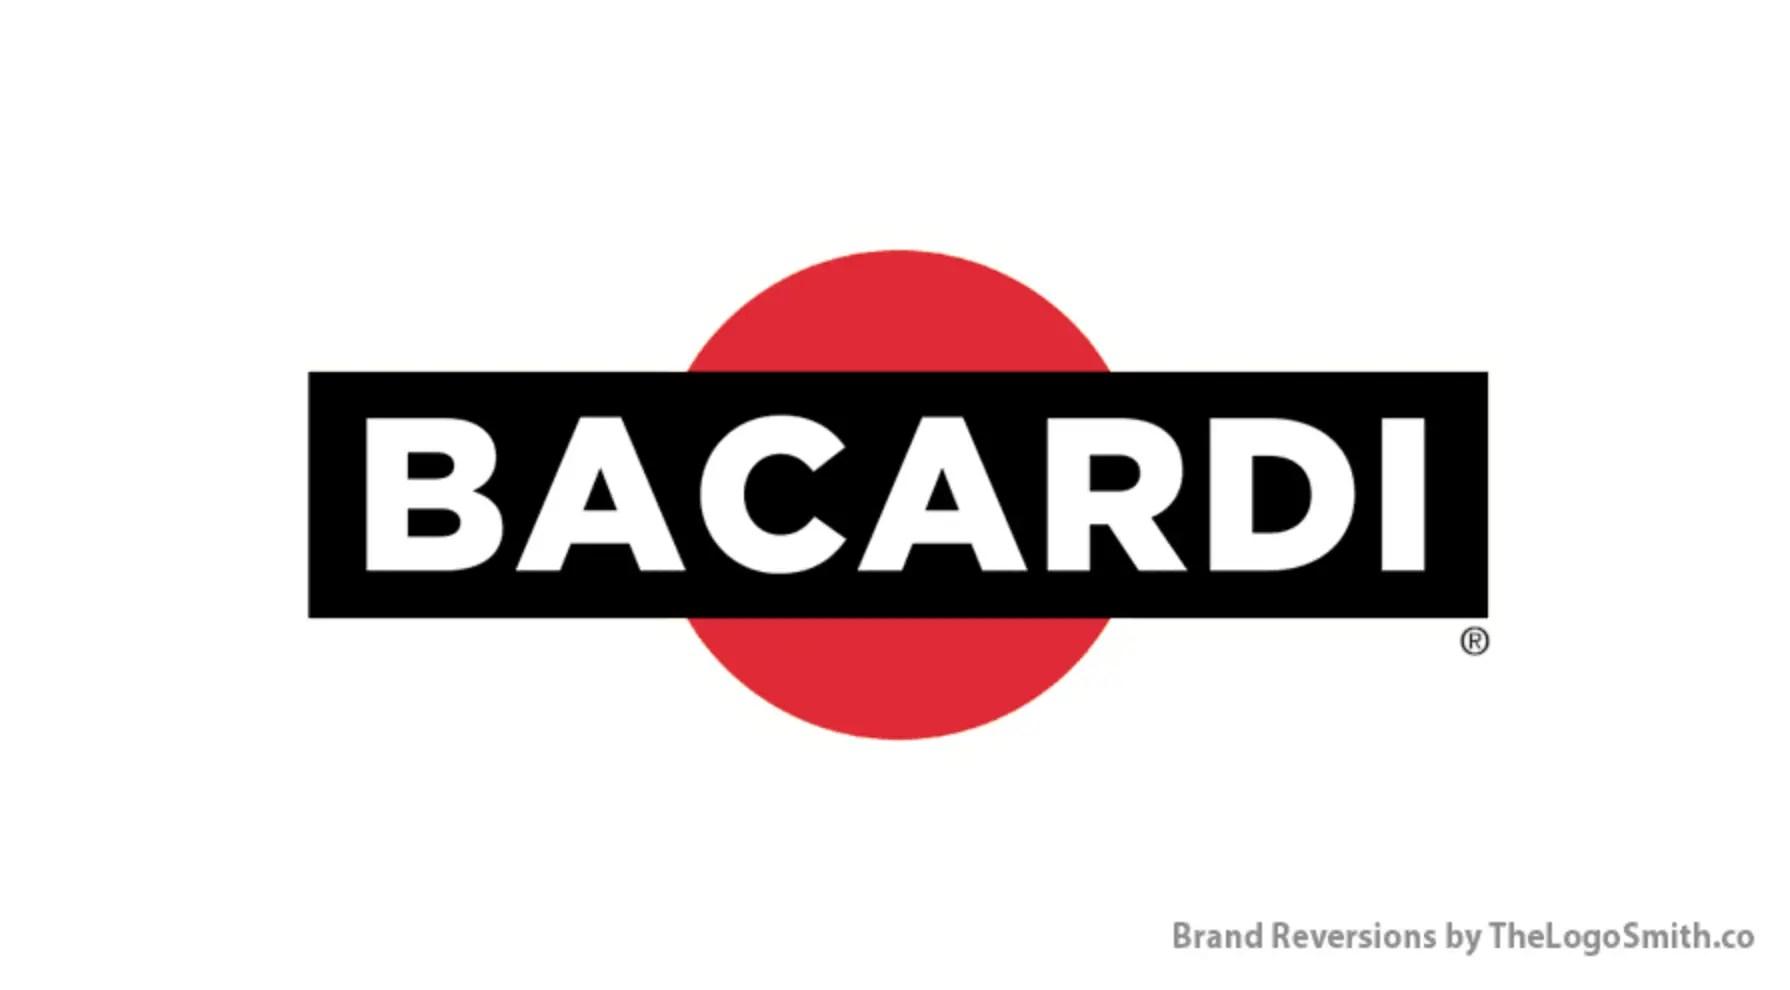 wersm-brand-reversioning-martini-bacardi